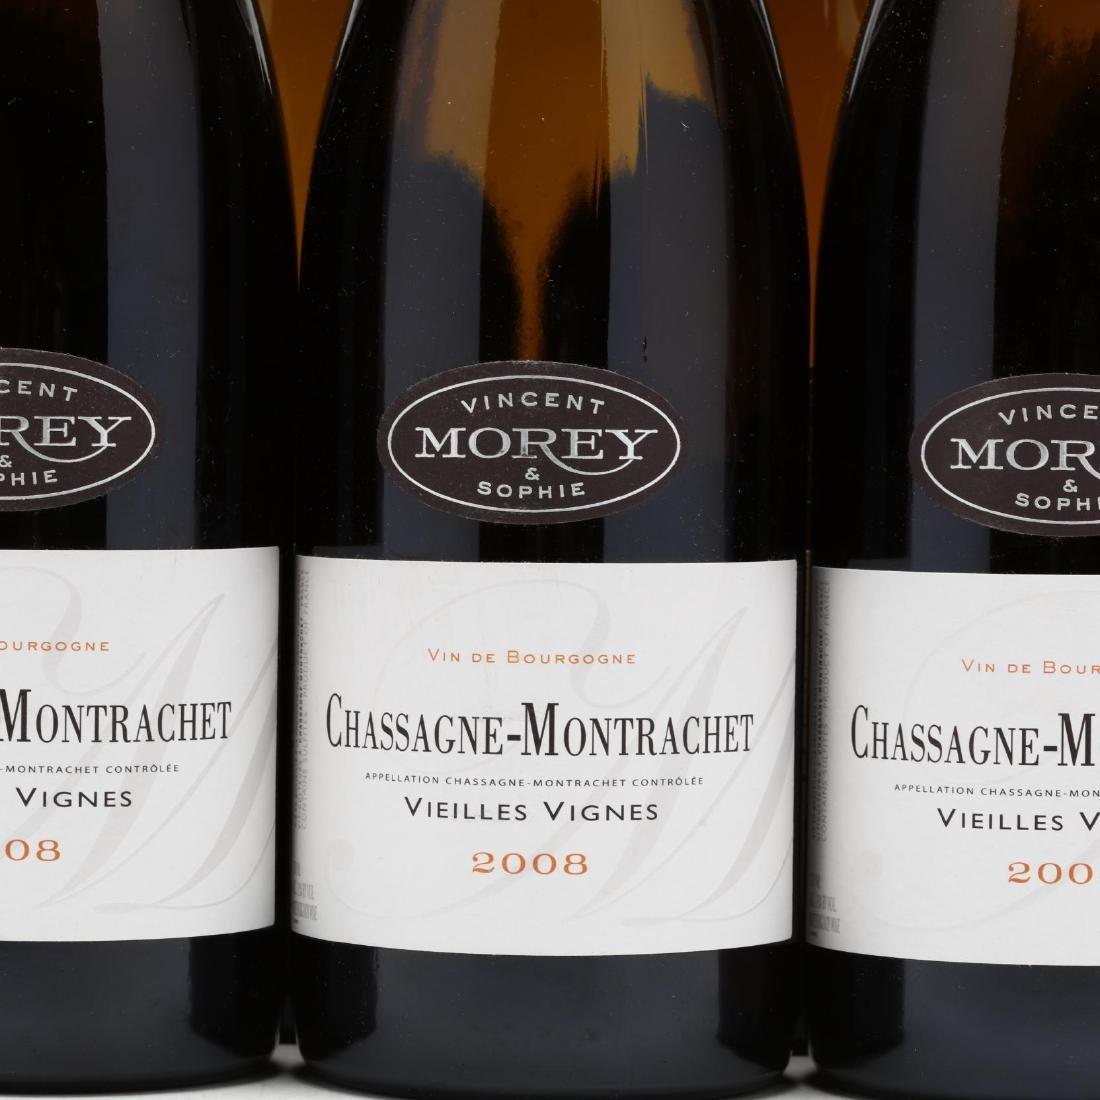 Chassagne Montrachet - Vintage 2008 - 2